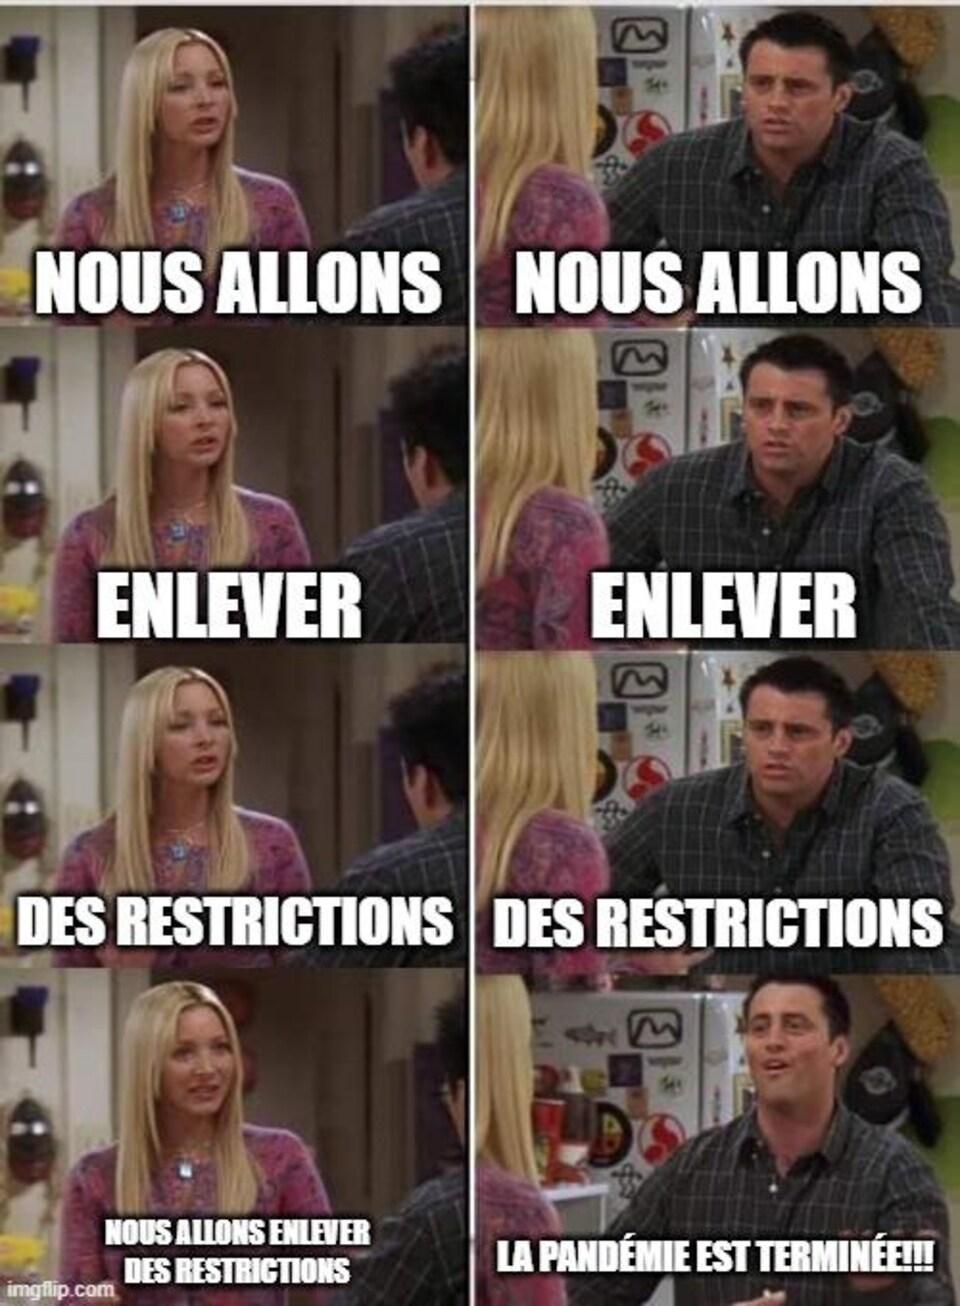 Phoebe essaie d'expliquer quelque chose à Joey, et ce dernier ne comprend pas le message.